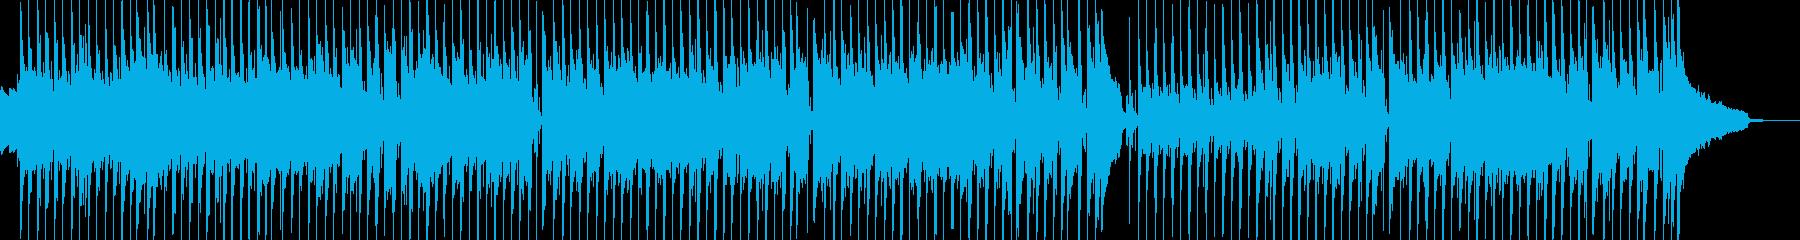 日常的・ほのぼの打楽器ポップス 短尺★の再生済みの波形